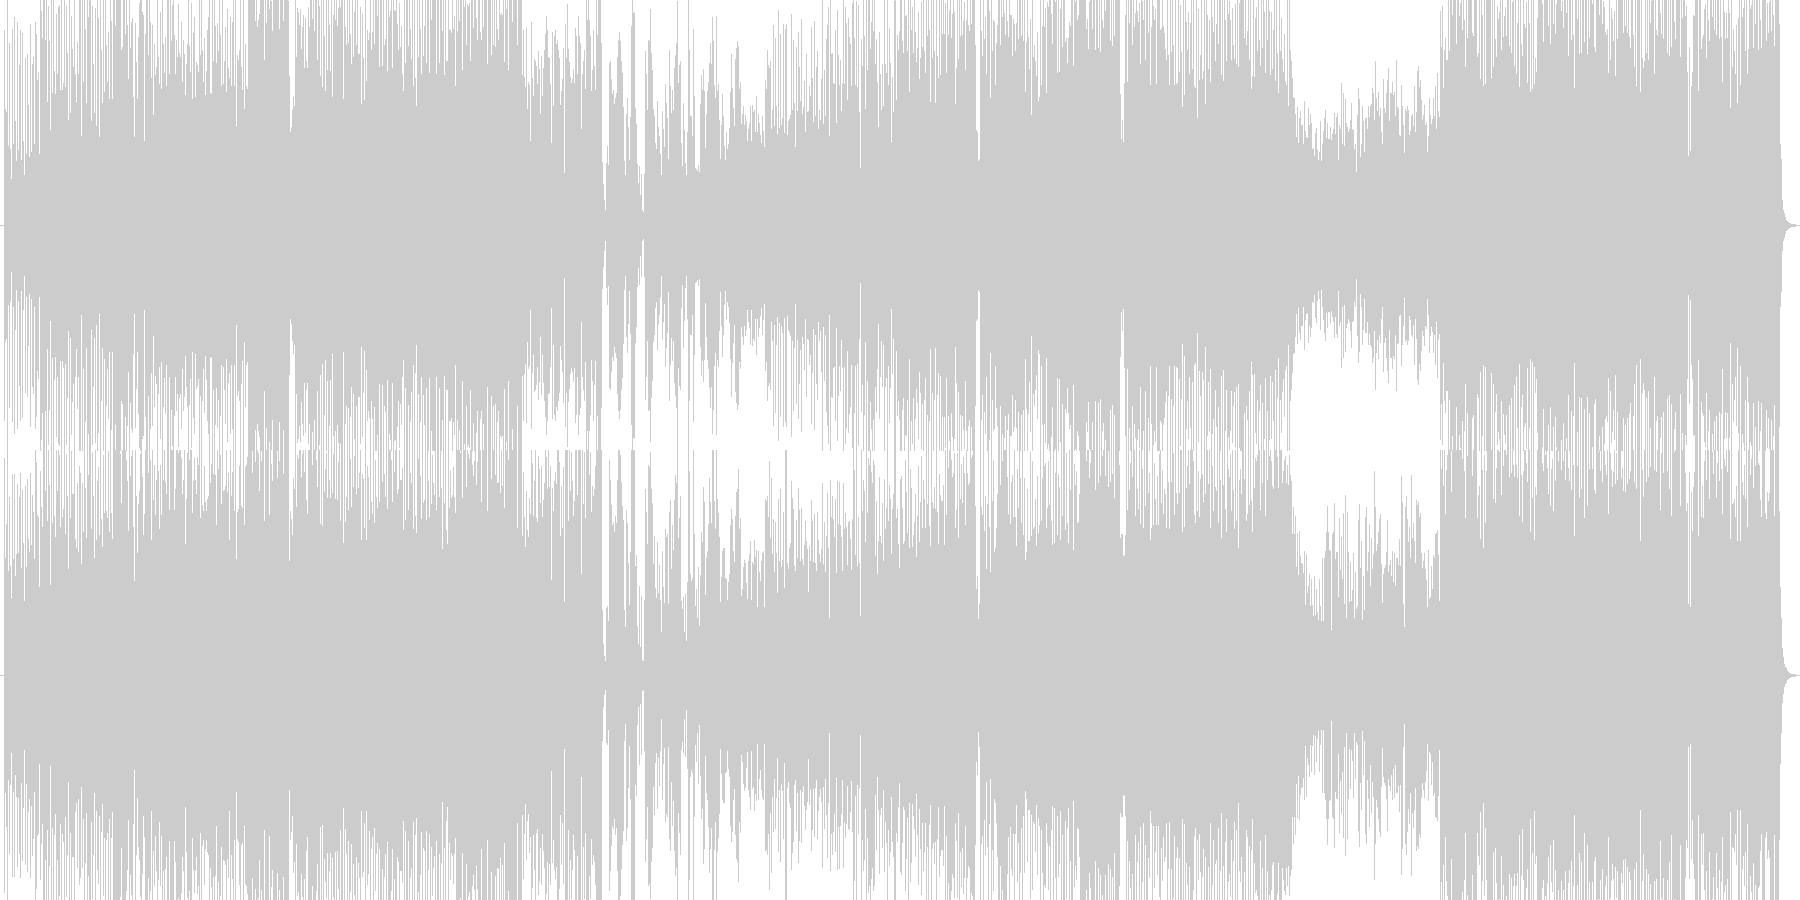 ノリノリで夢があるハウスビートのポップスの未再生の波形